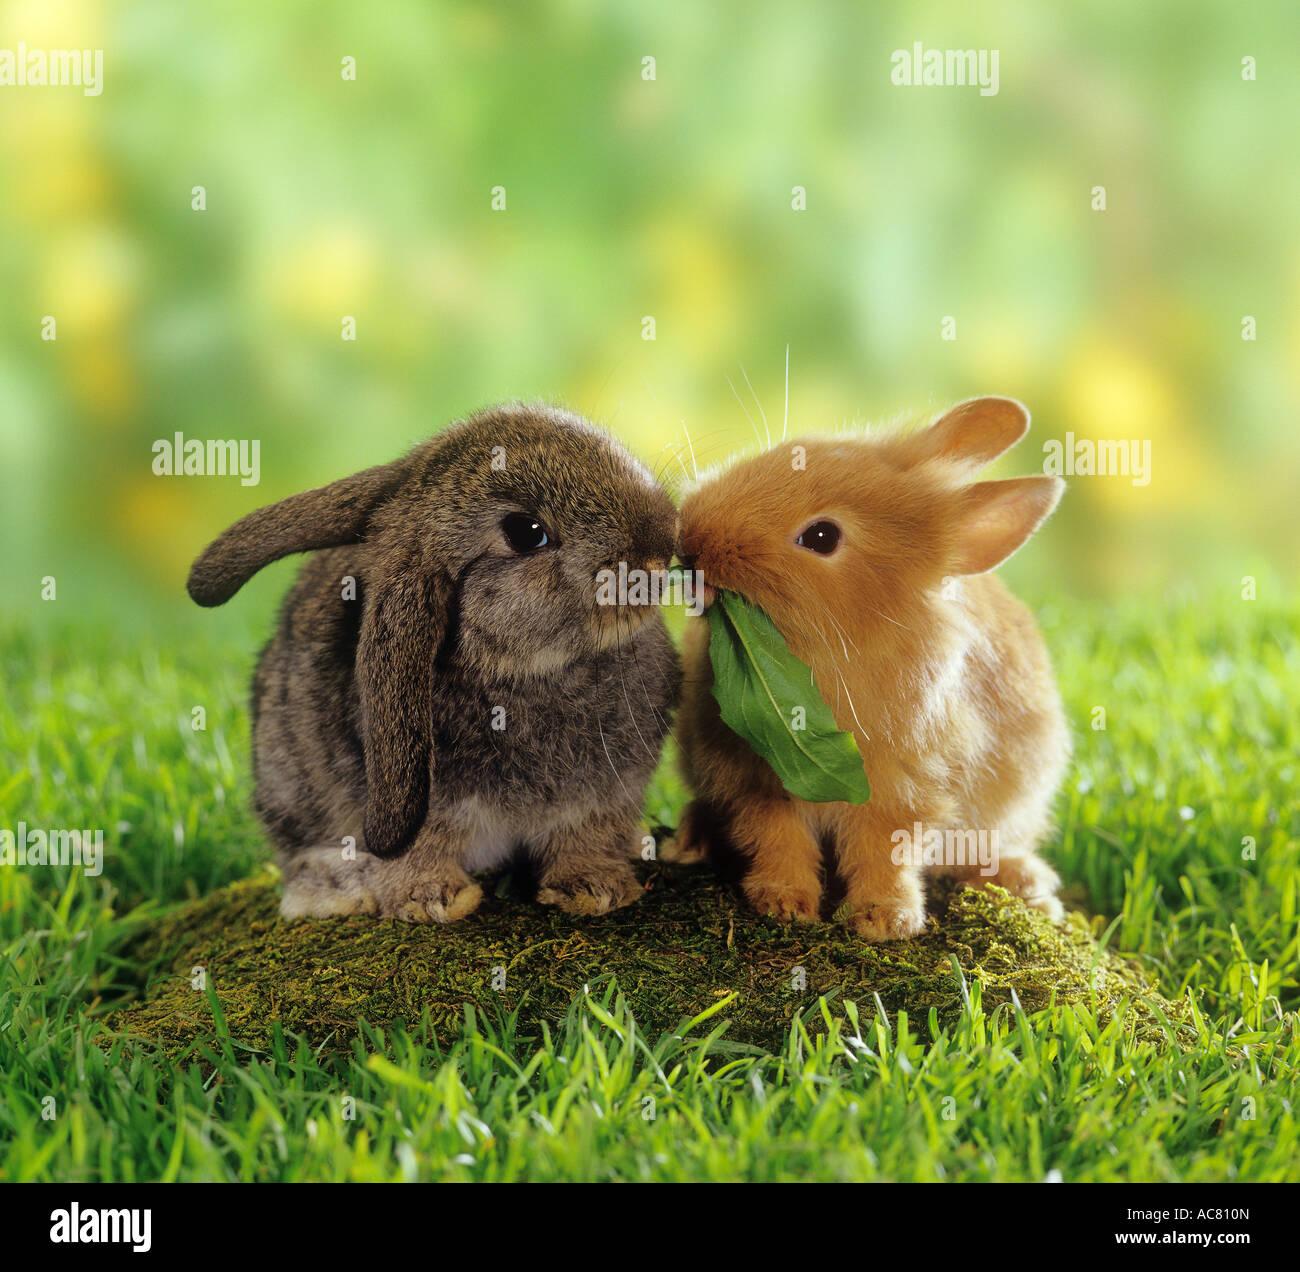 zwerg kaninchen und h ngeohrigen zwergkaninchen essen ein blatt stockfoto bild 13071188 alamy. Black Bedroom Furniture Sets. Home Design Ideas